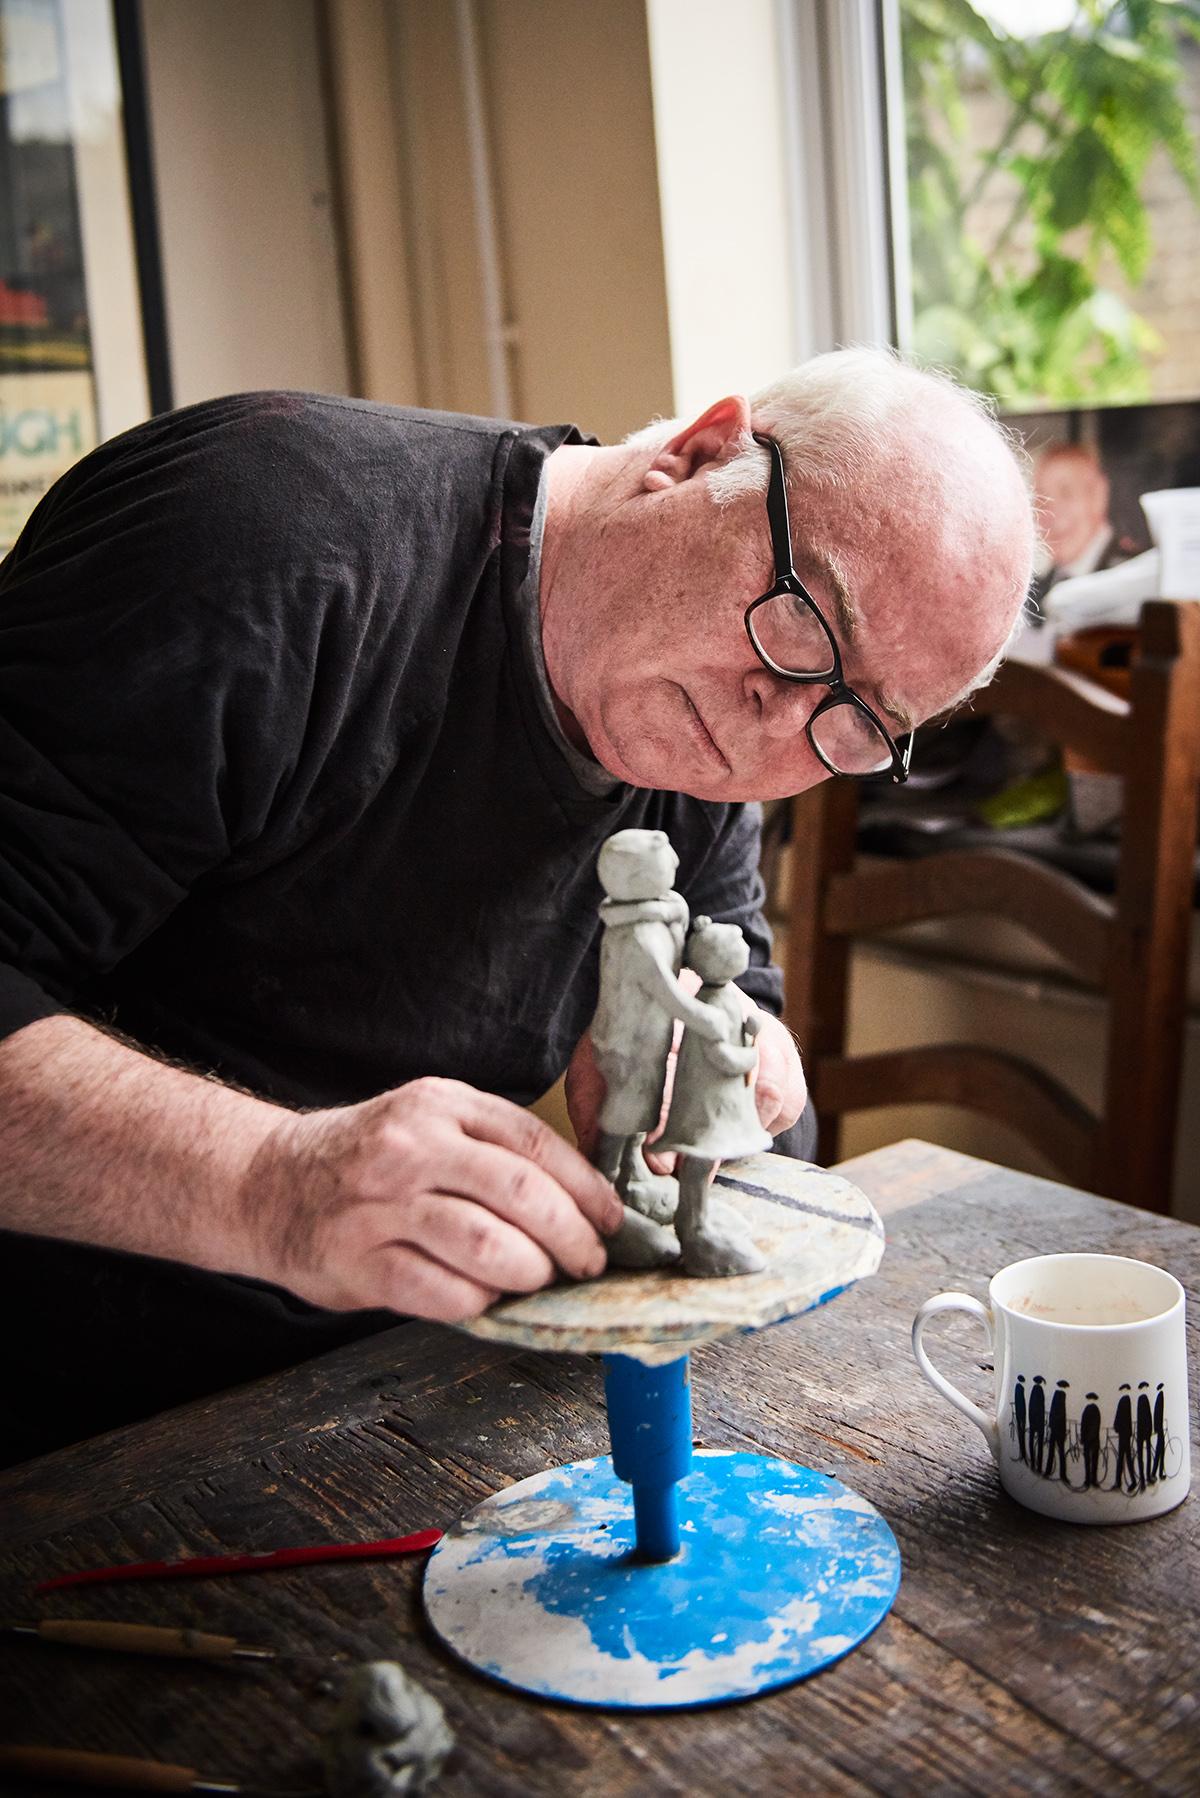 Artist Mackenzie Thorpe working on sculpture